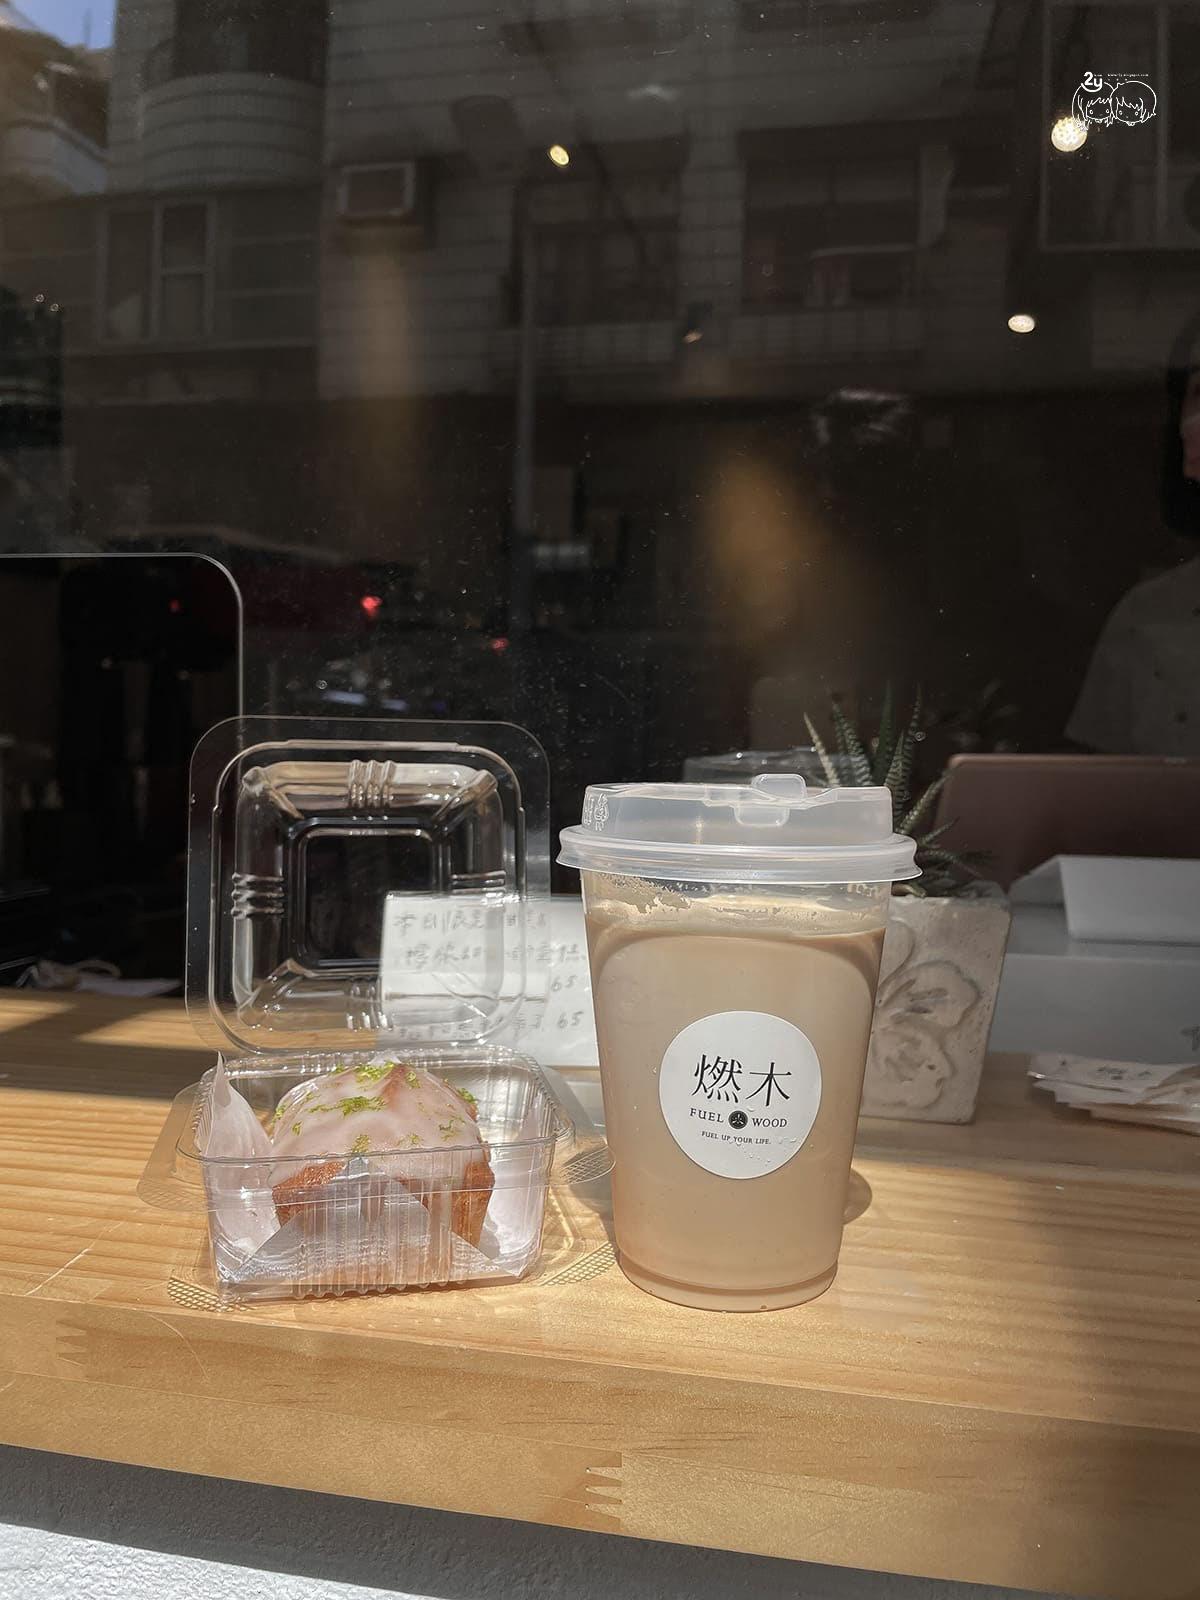 高雄美食 燃木咖啡 FUELWOOD COFFEE SPACE 職人烘焙咖啡 文青網美咖啡廳